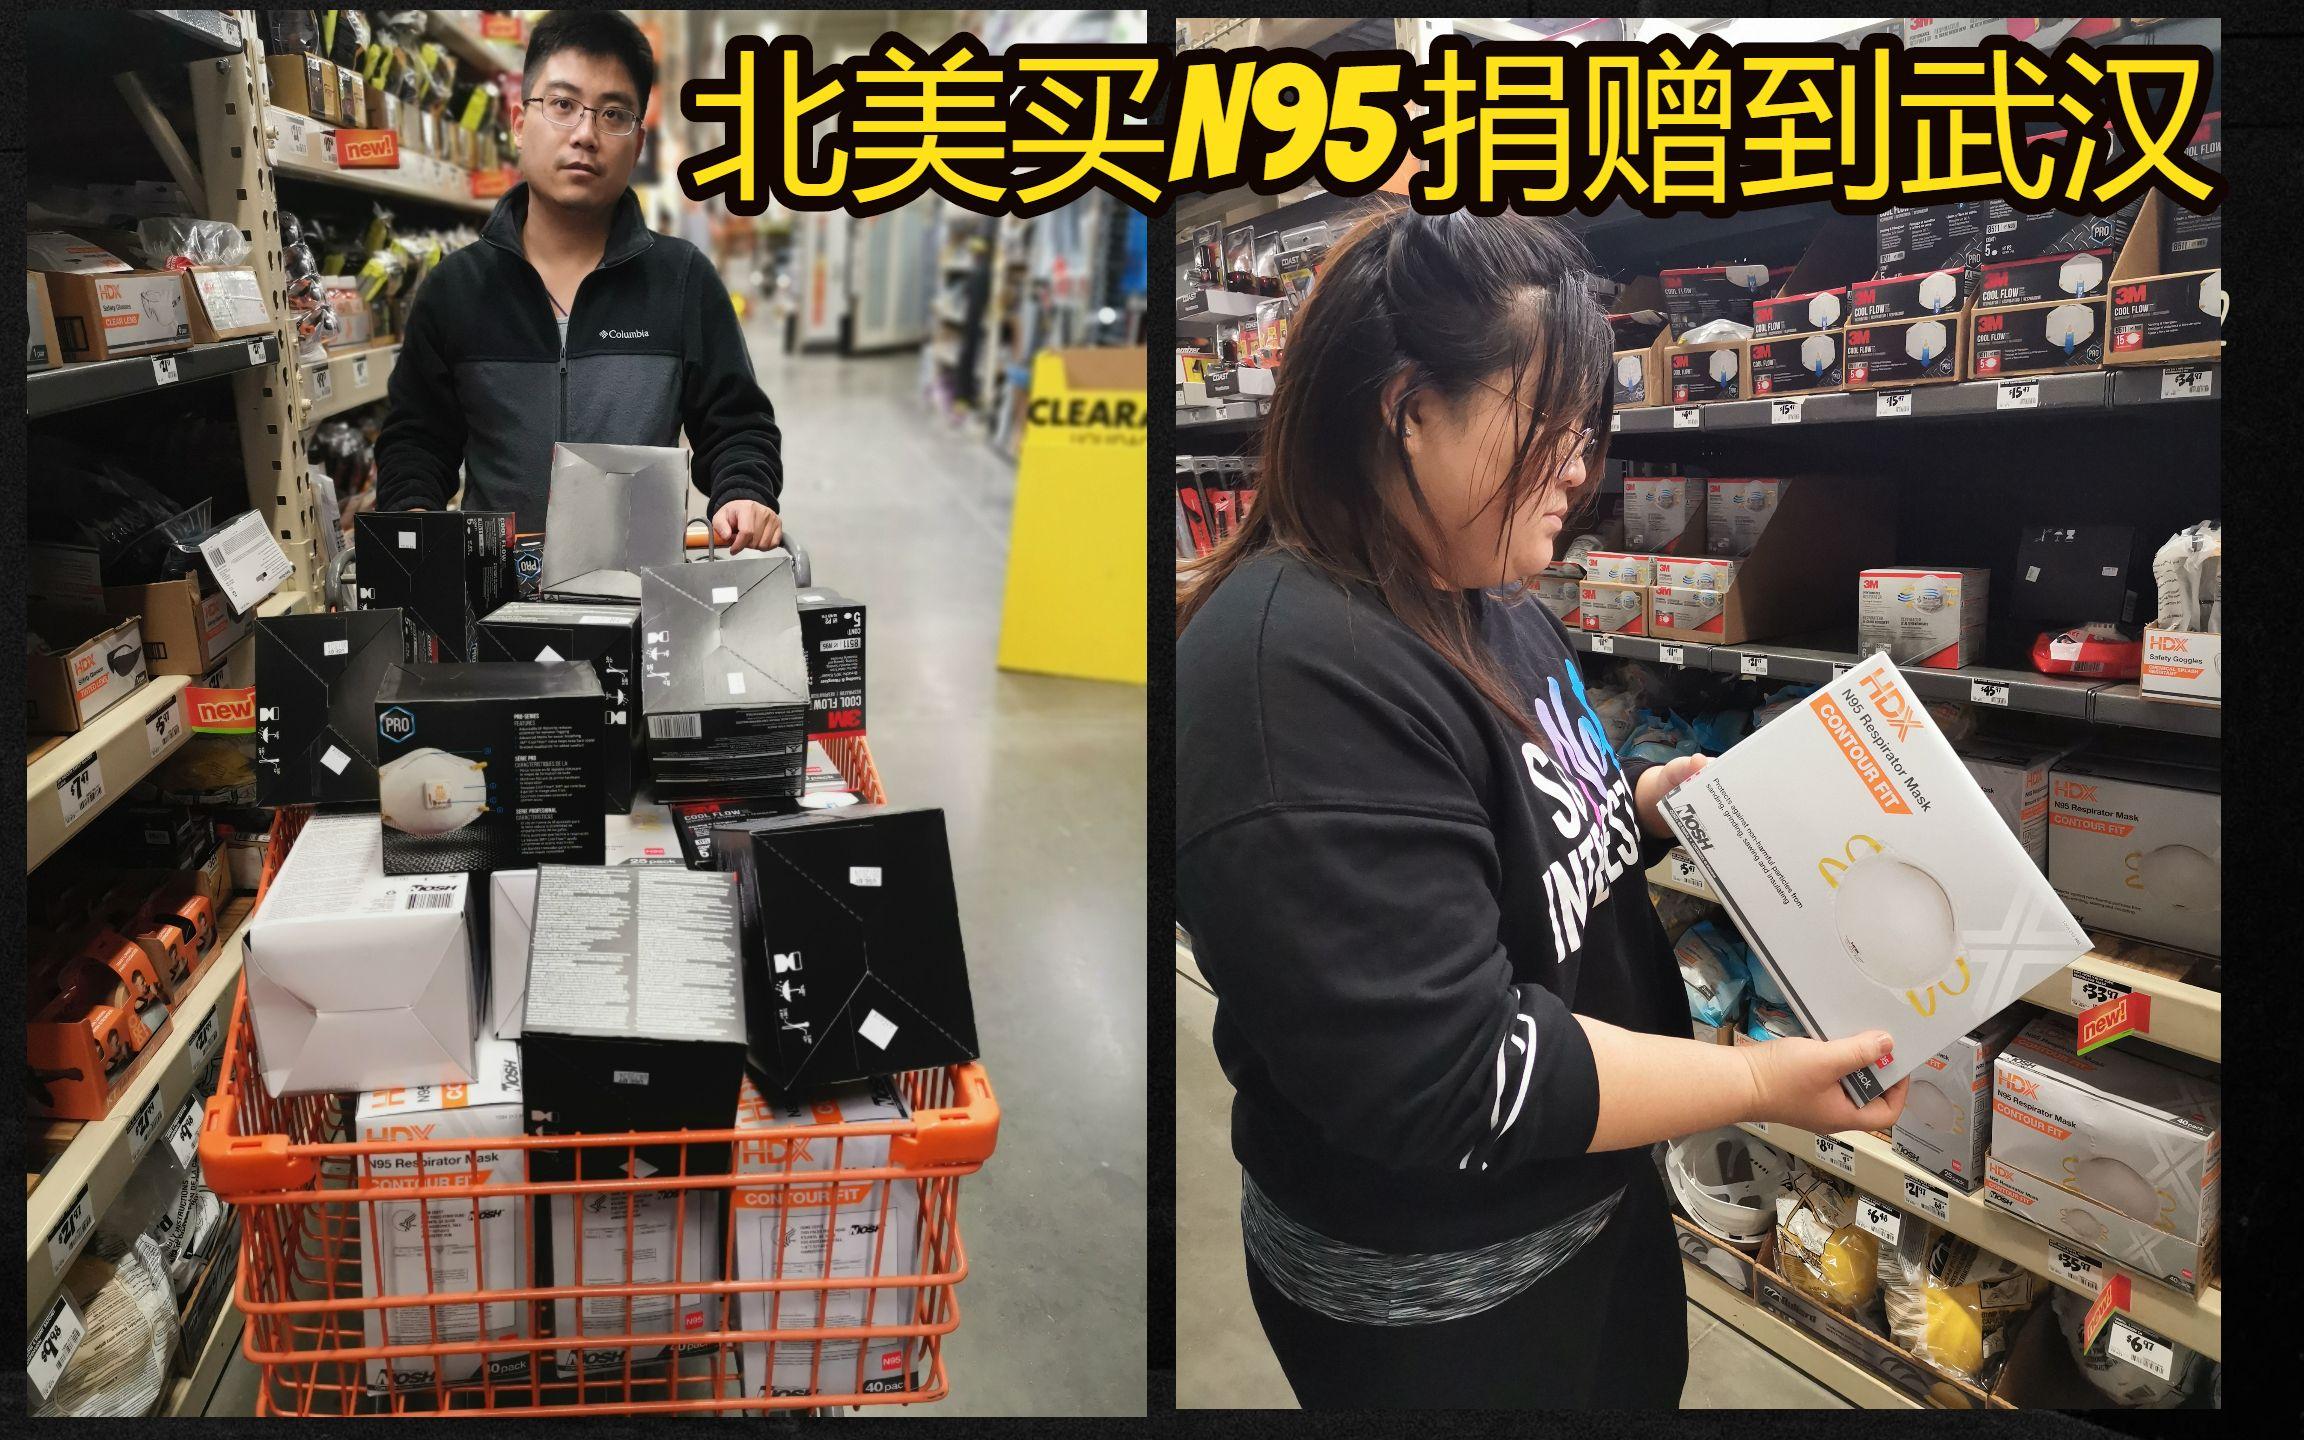 在美国买N95口罩 邮寄回武汉